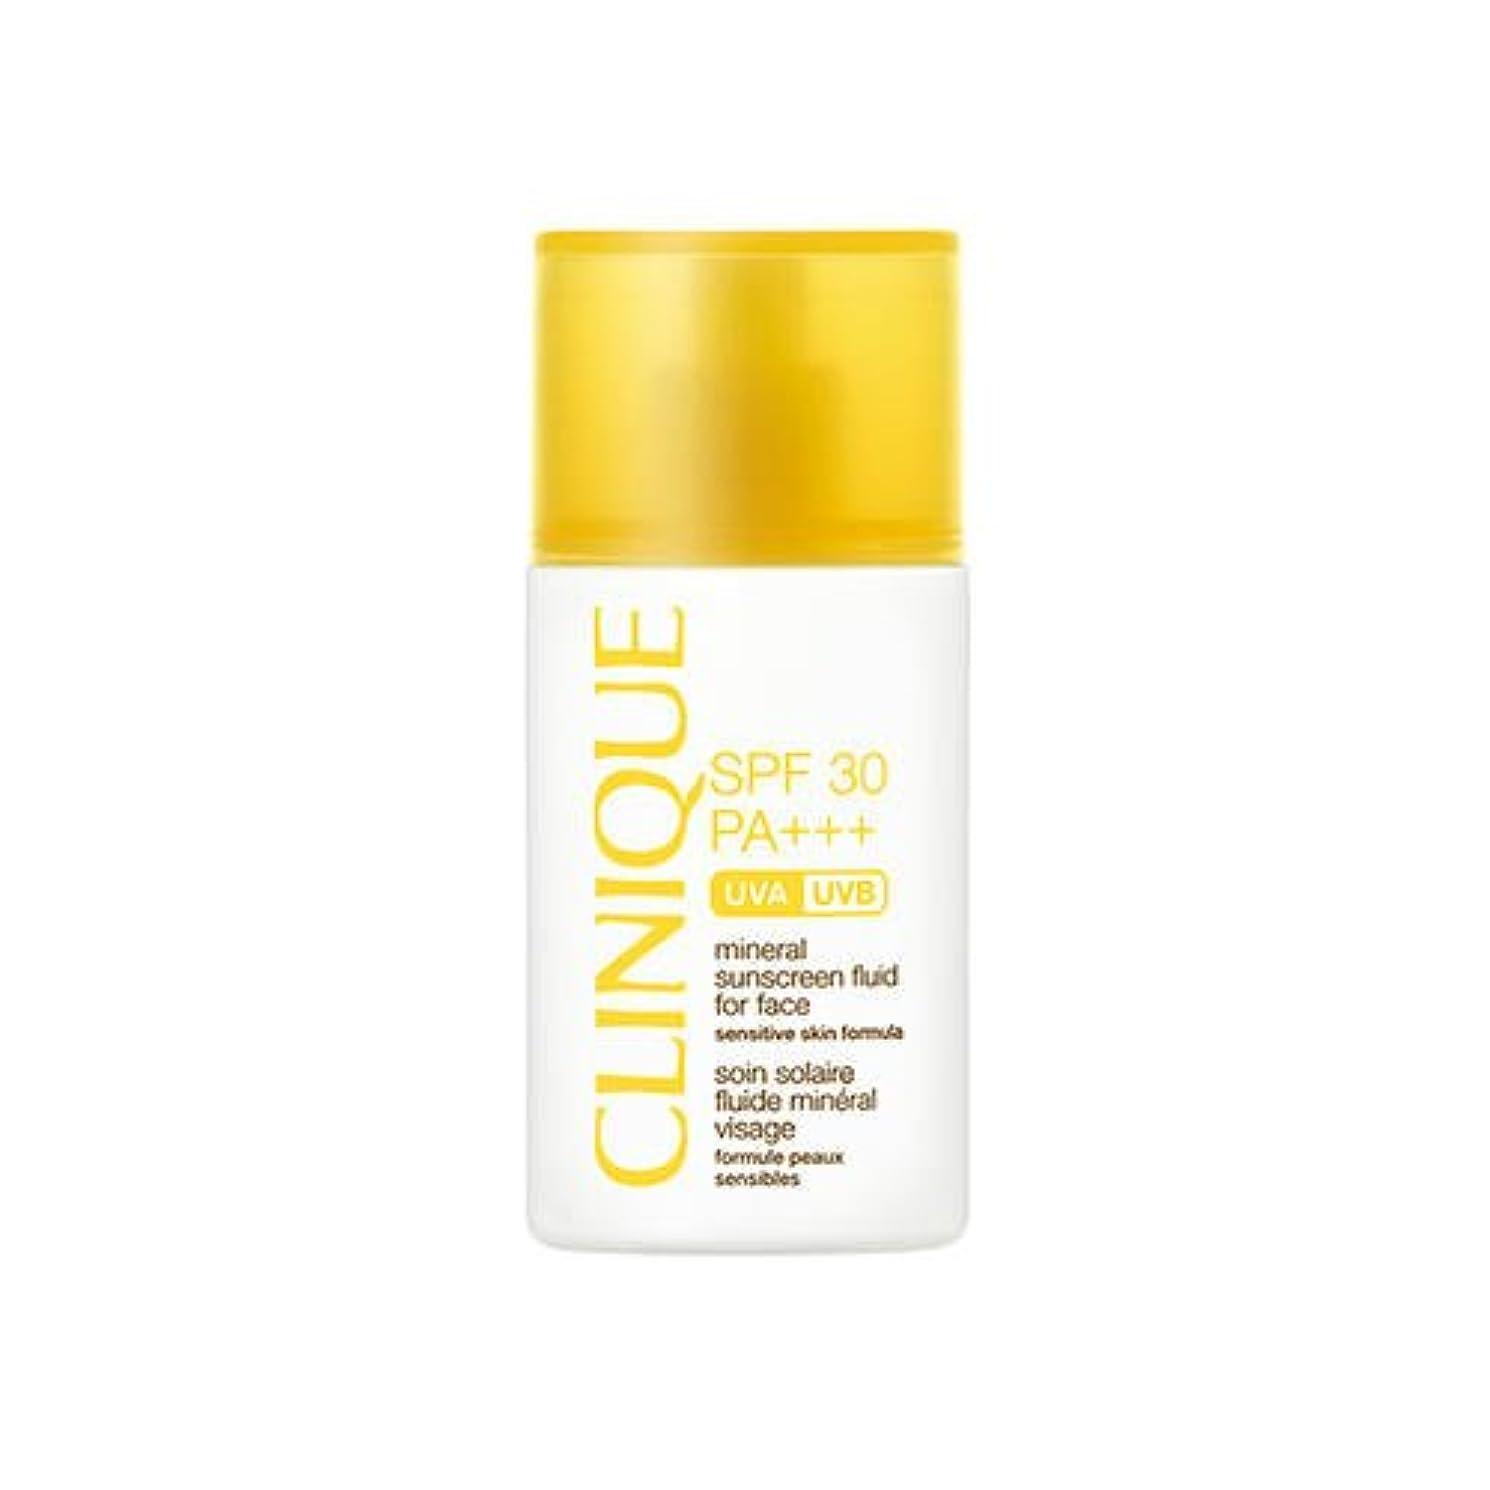 コジオスコミント植生CLINIQUE(クリニーク) SPF30 ミネラル サンスクリーン フルイド フォー フェース